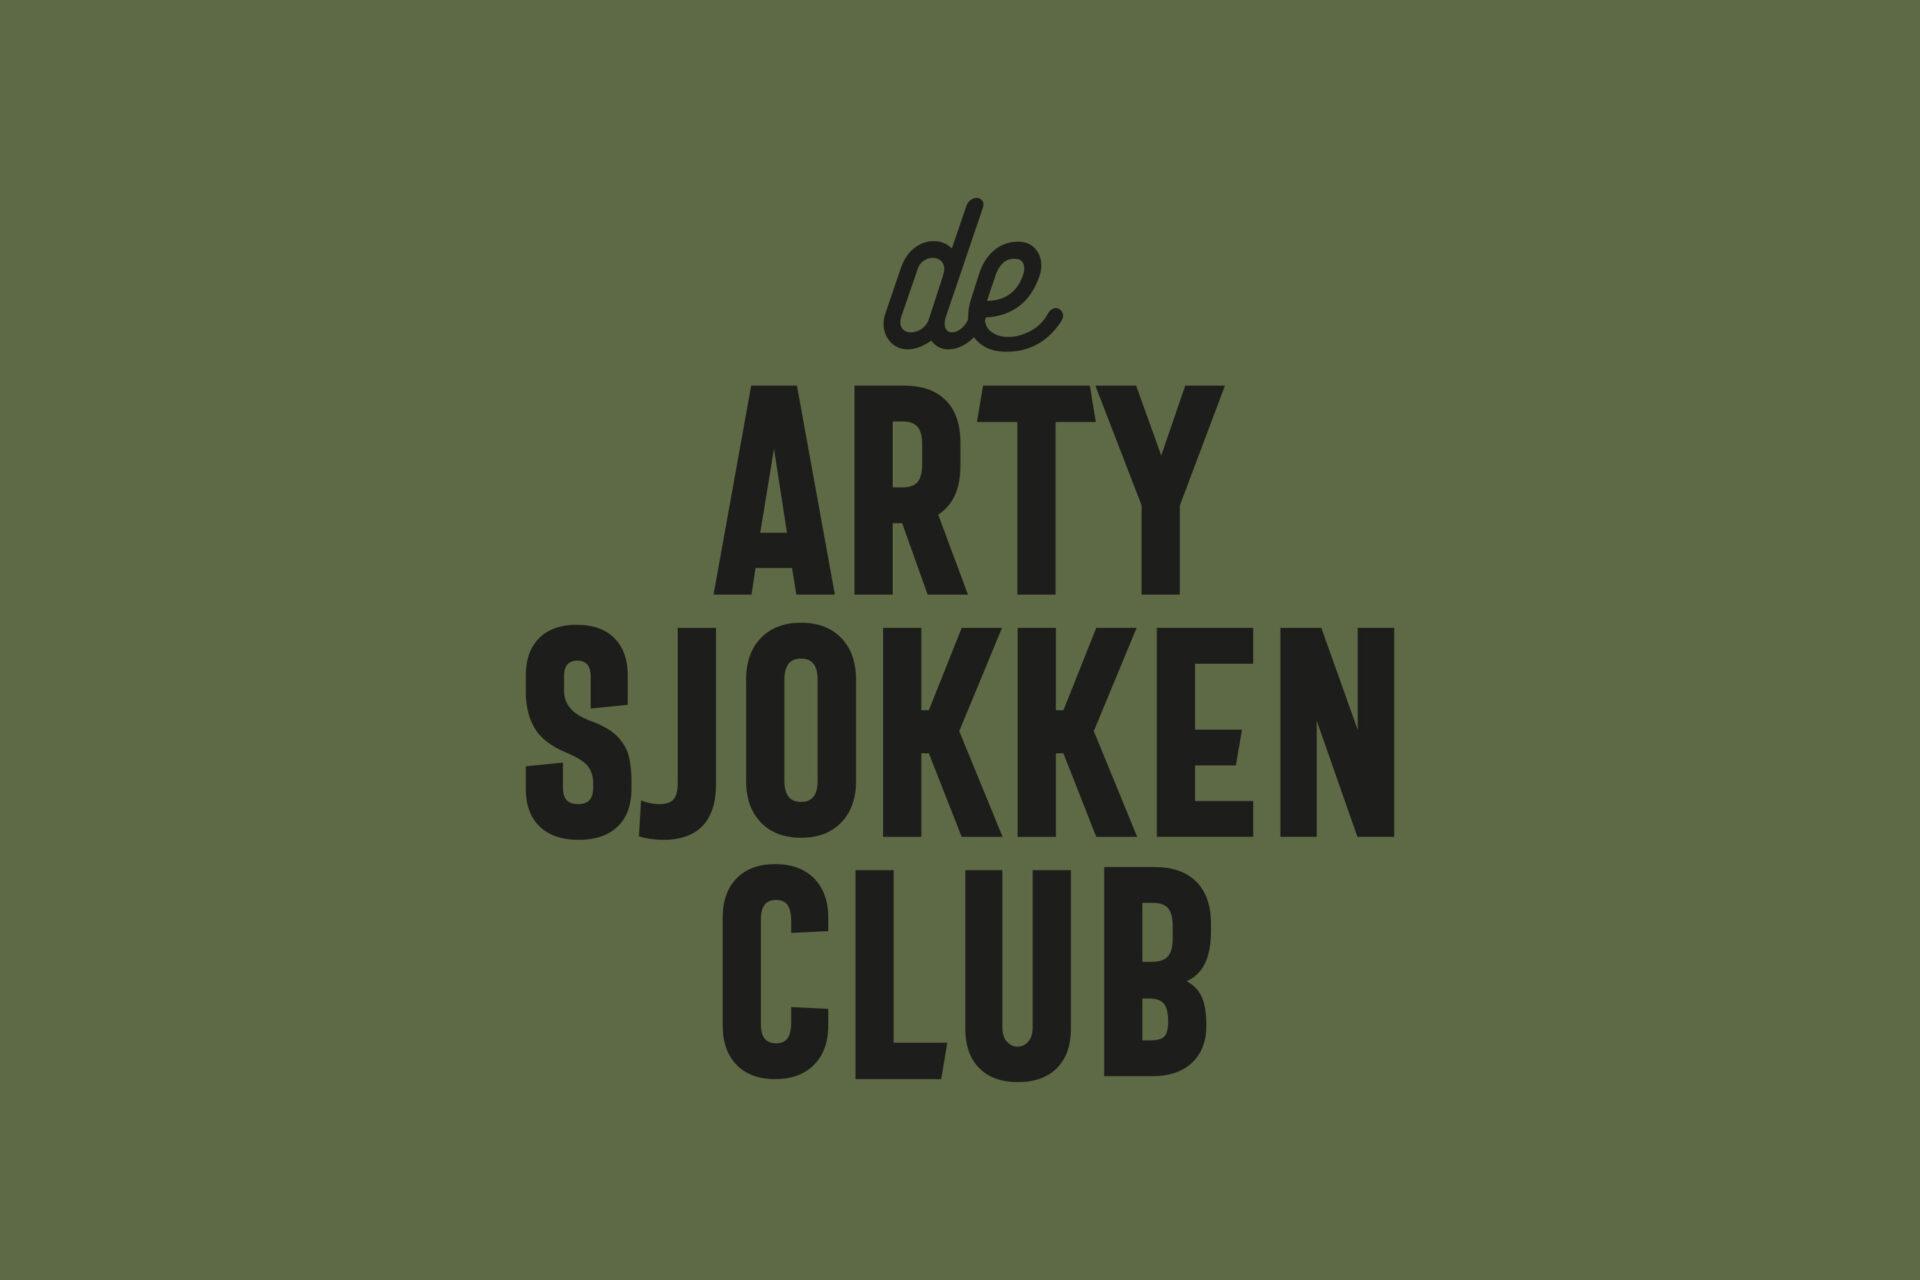 Logo voor Merijn, Maxim, Lars en Thom van de Artysjokkenclub gemaakt door Sjoerd van Schagen